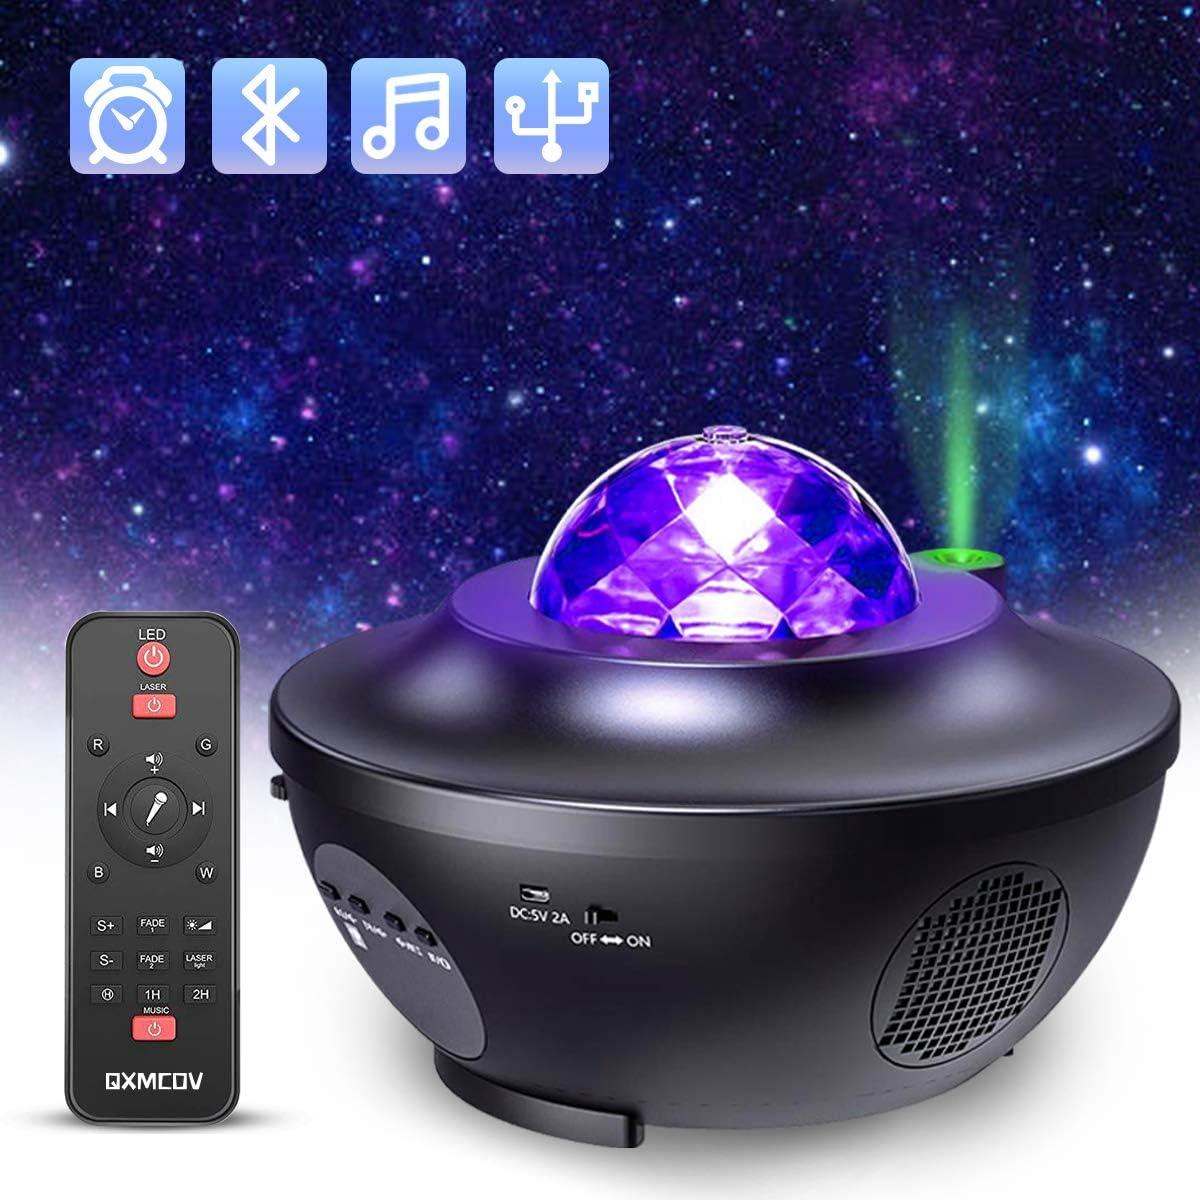 Proyector Estrellas Galaxia, Proyector Lámpara de Mesa Infantil Oceano con 21 Modos & Control Remoto & Temporizador & Altavoz & Bluetooth, Luz bebé nocturna, Luces Decorativas Habitaci